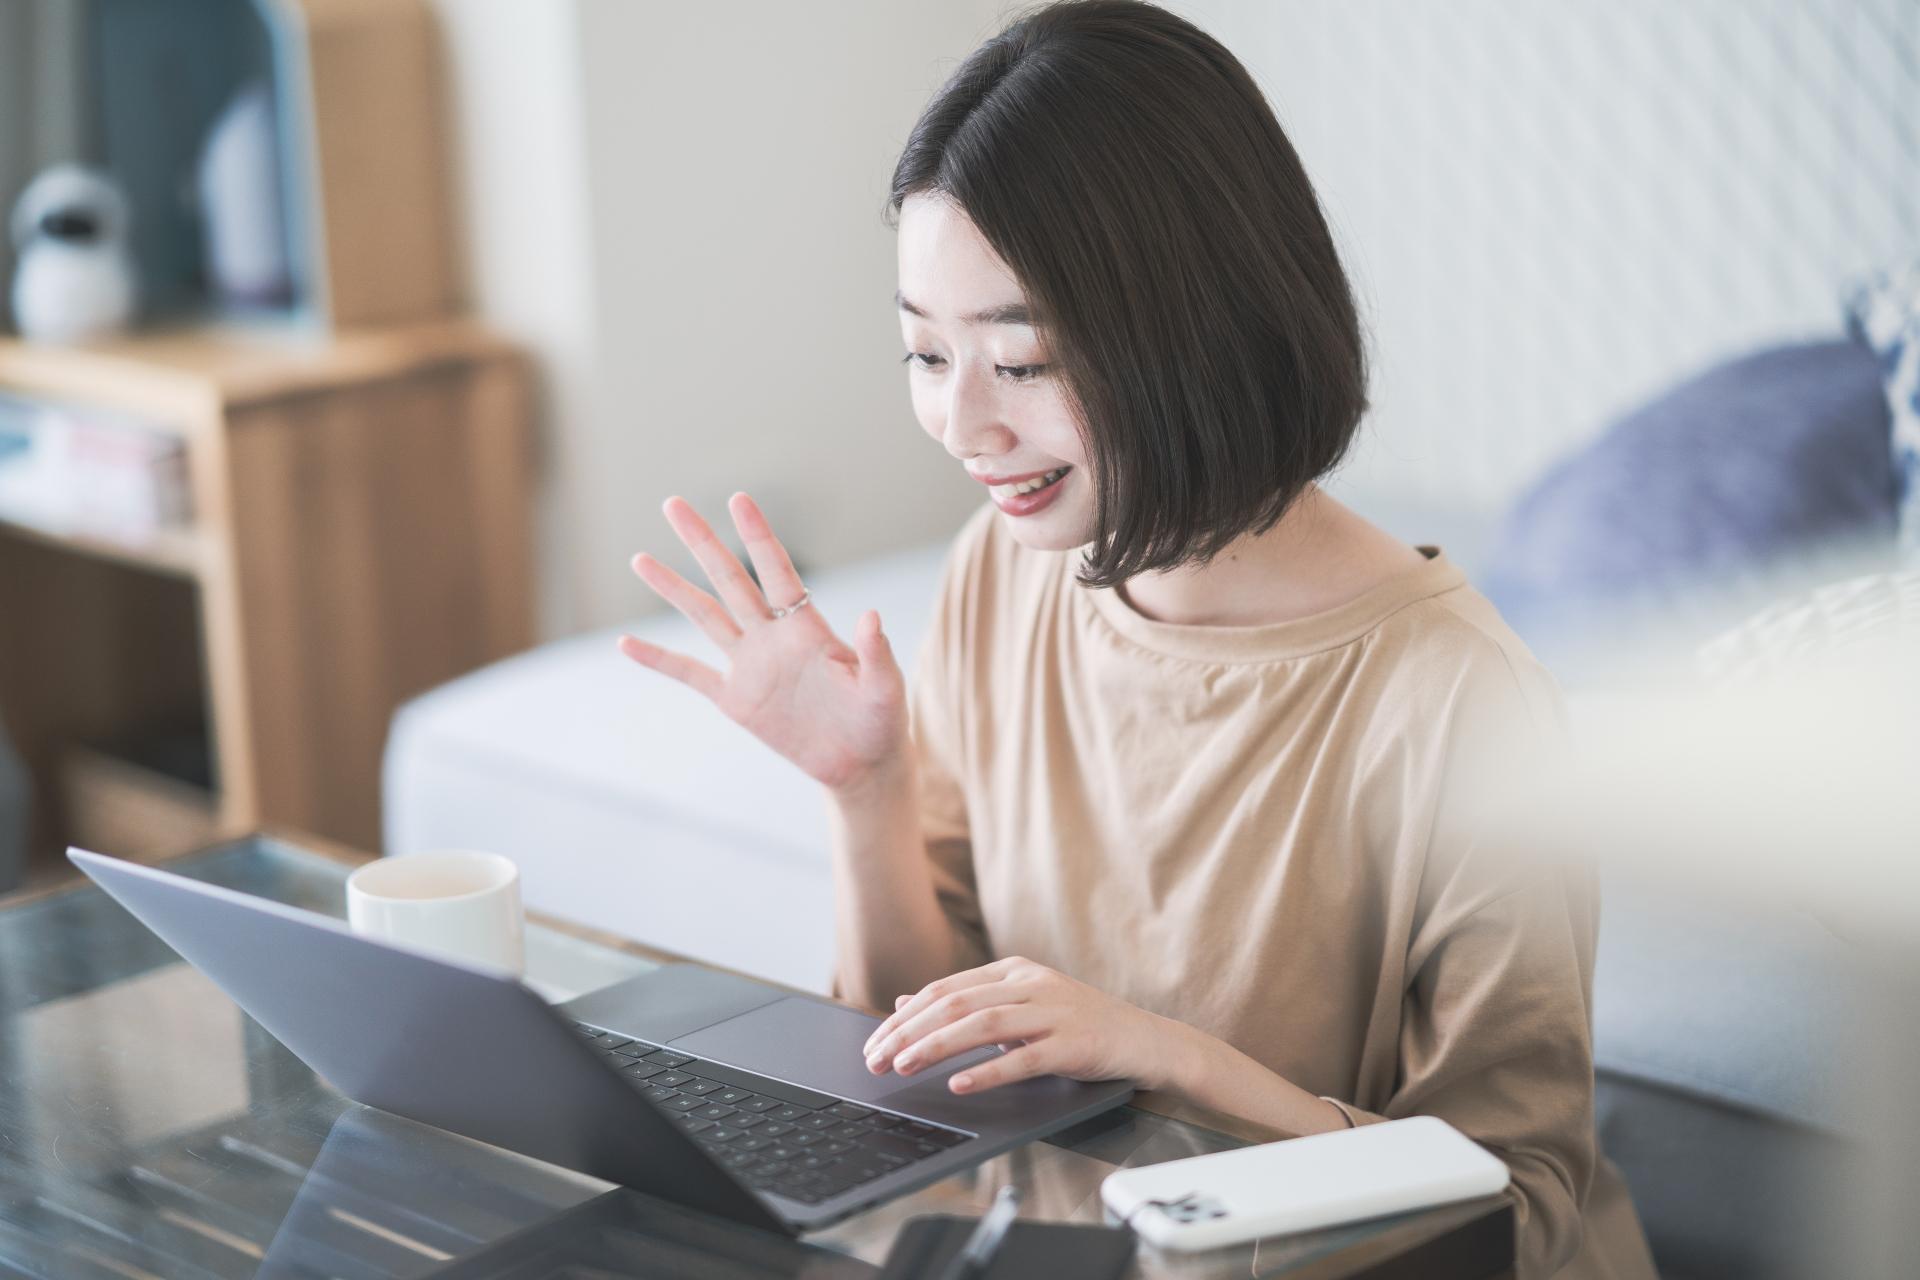 オンラインセミナーに参加する女性